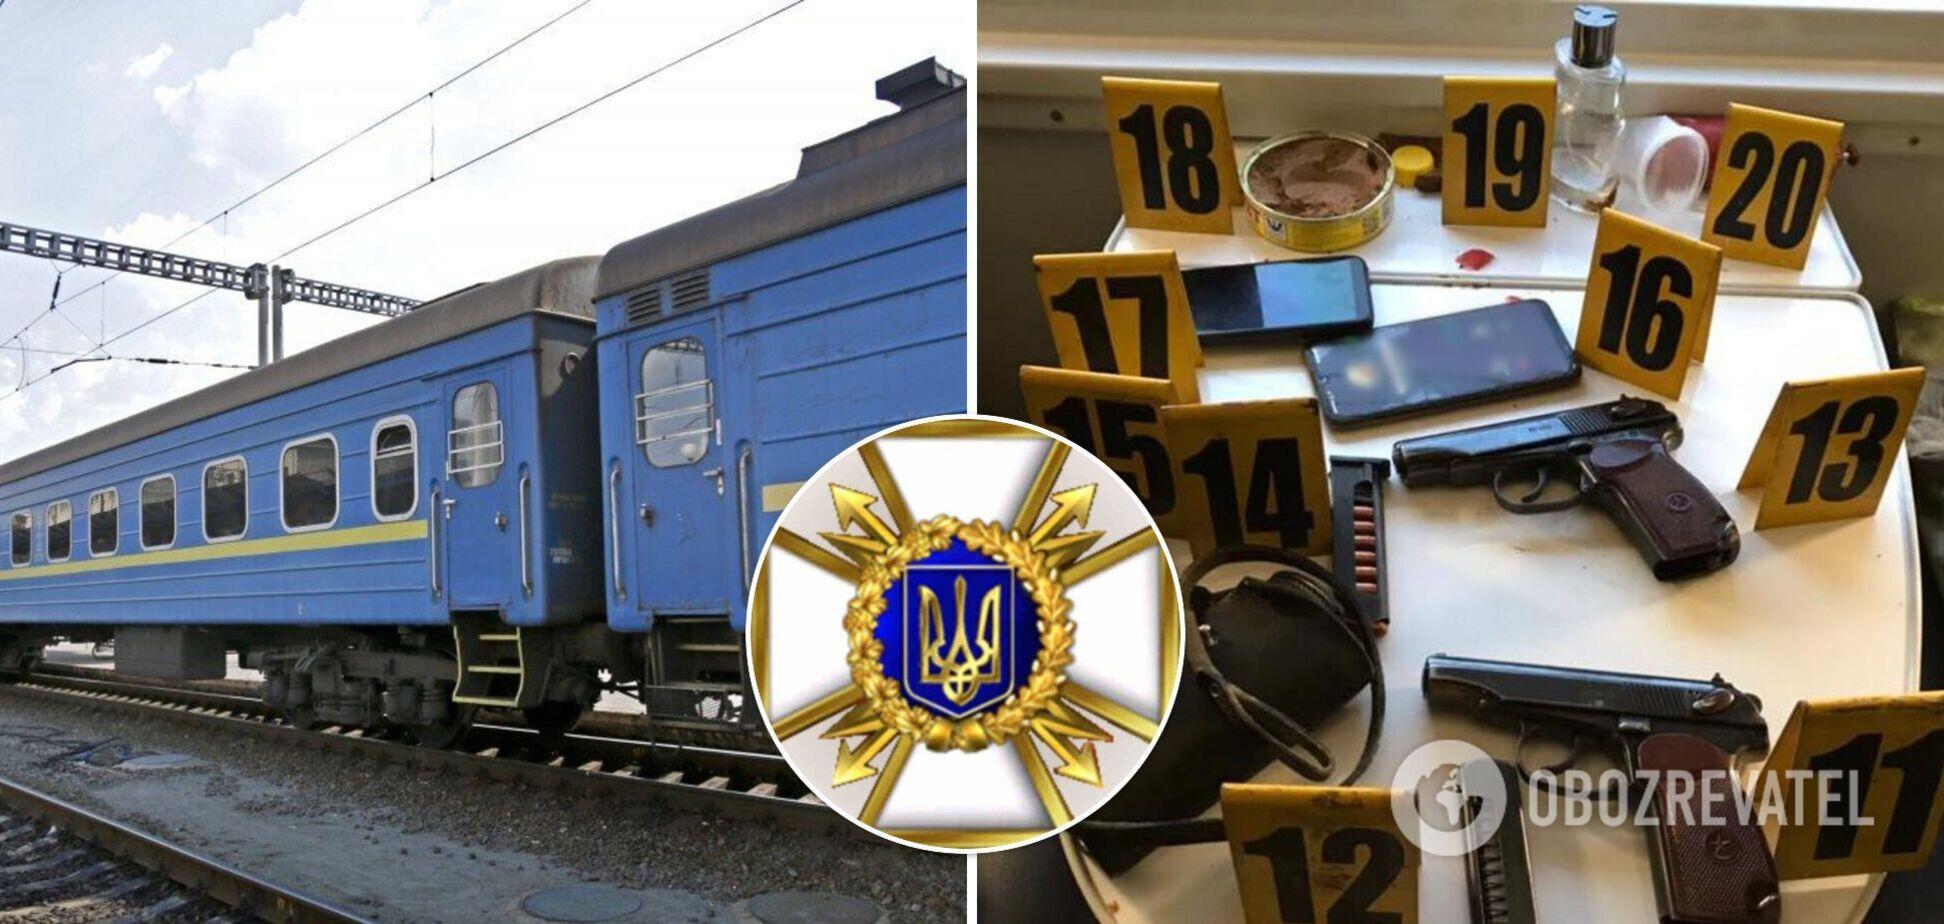 Офицеры Госспецсвязи поплатились работой за стрельбу в поезде на Харьковщине